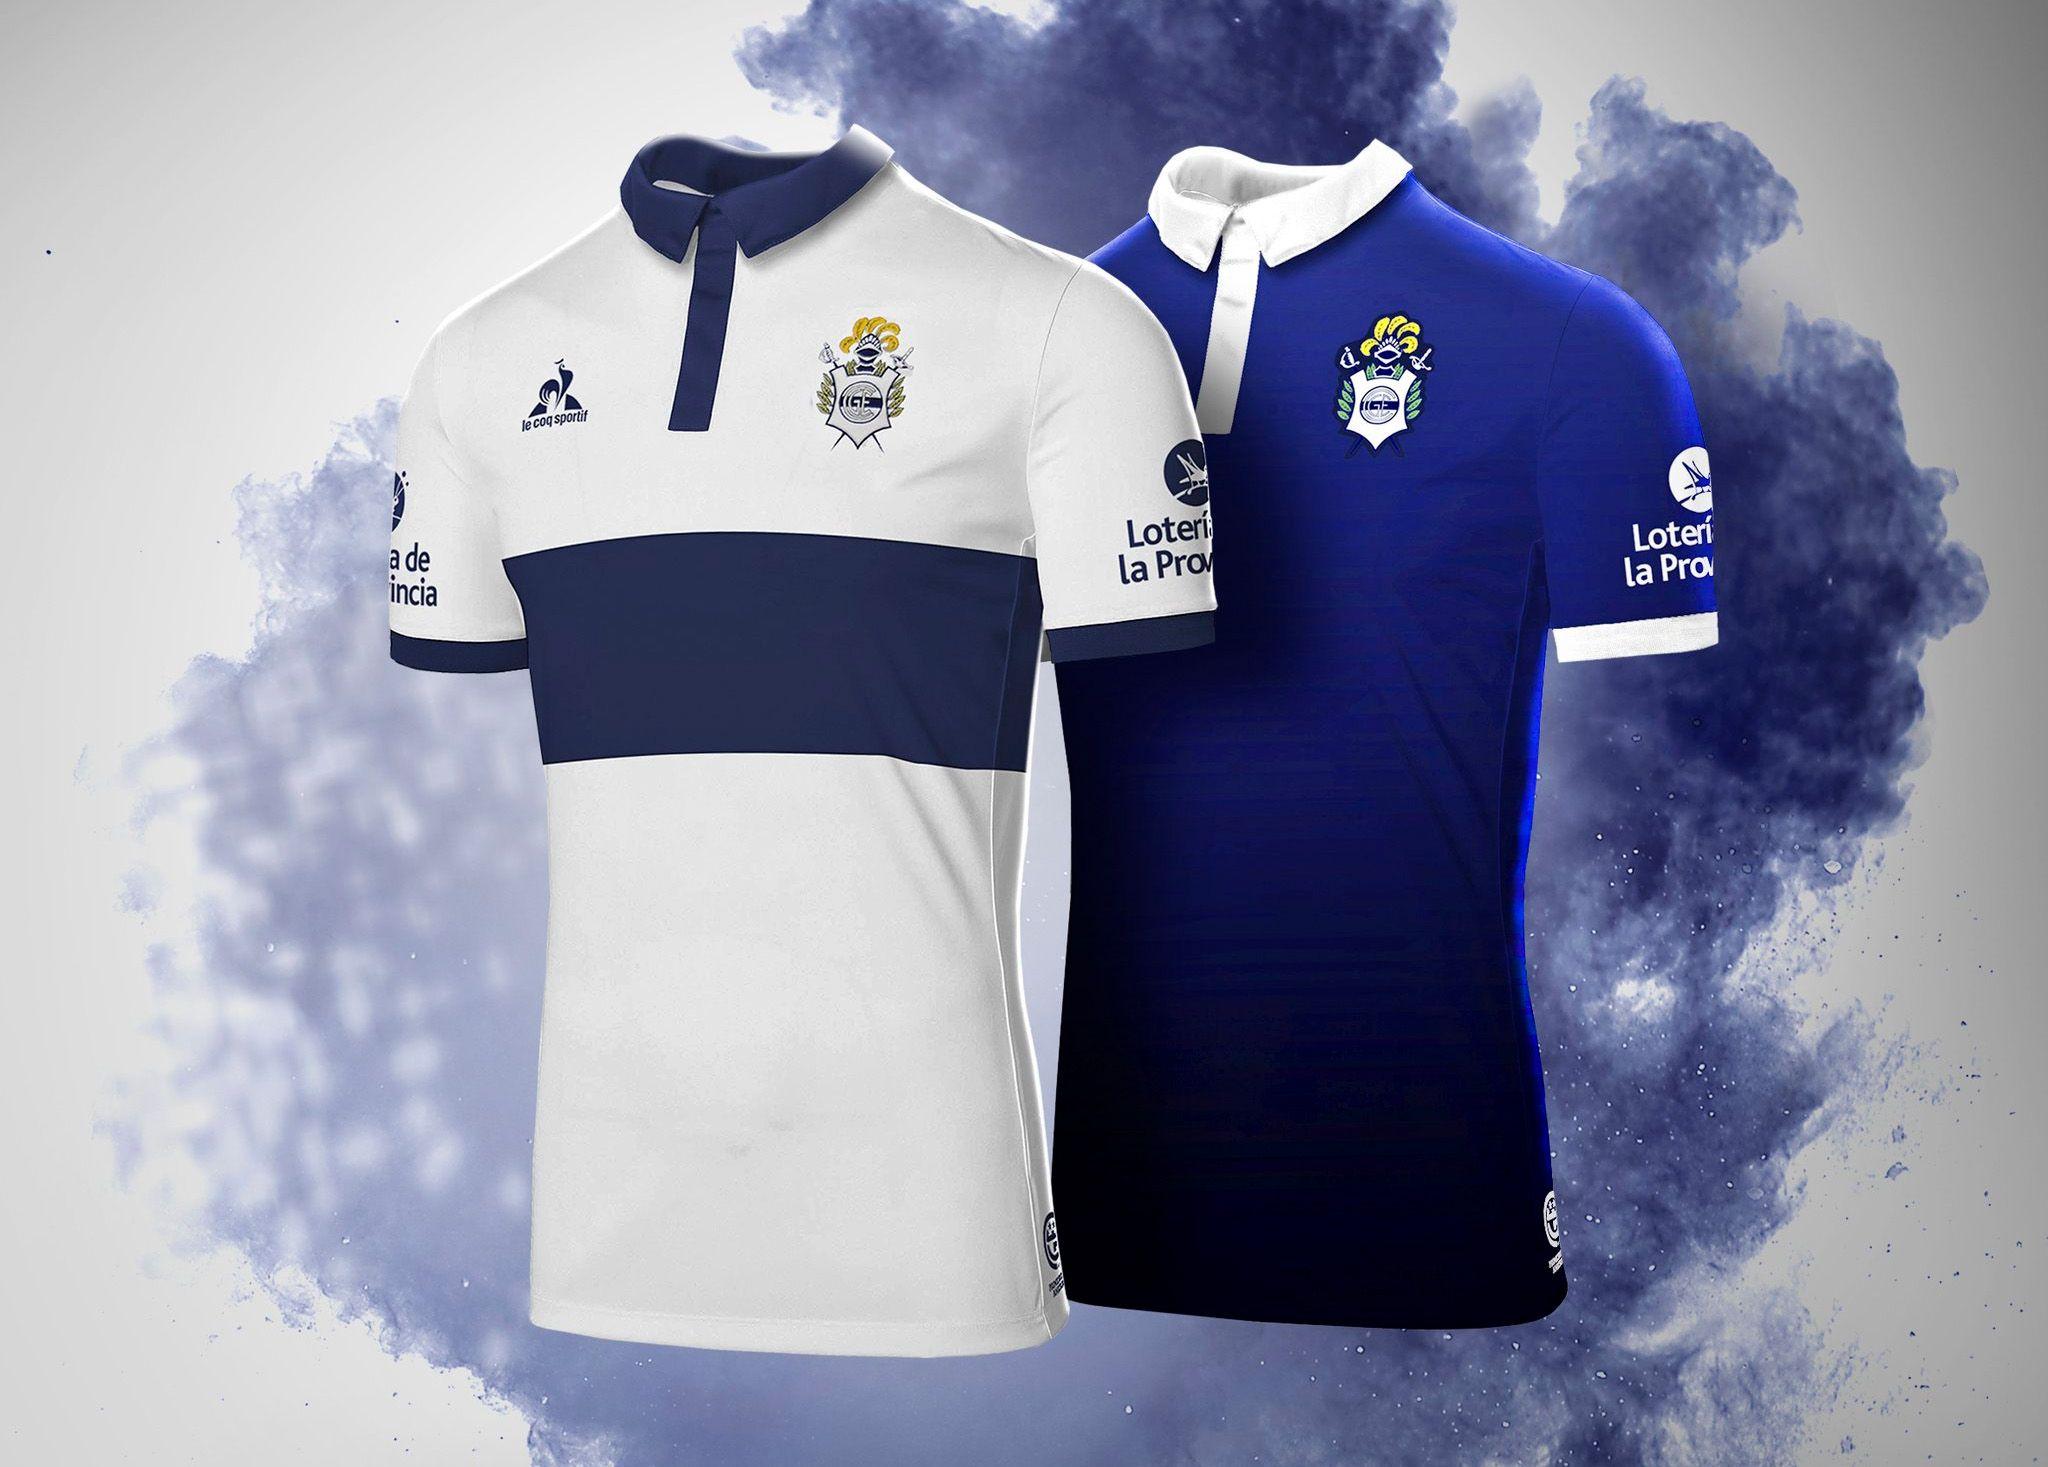 Camisas do Gimnasia y Esgrima La Plata 2017-2018 Le Coq Sportif ... a58354b49ca59